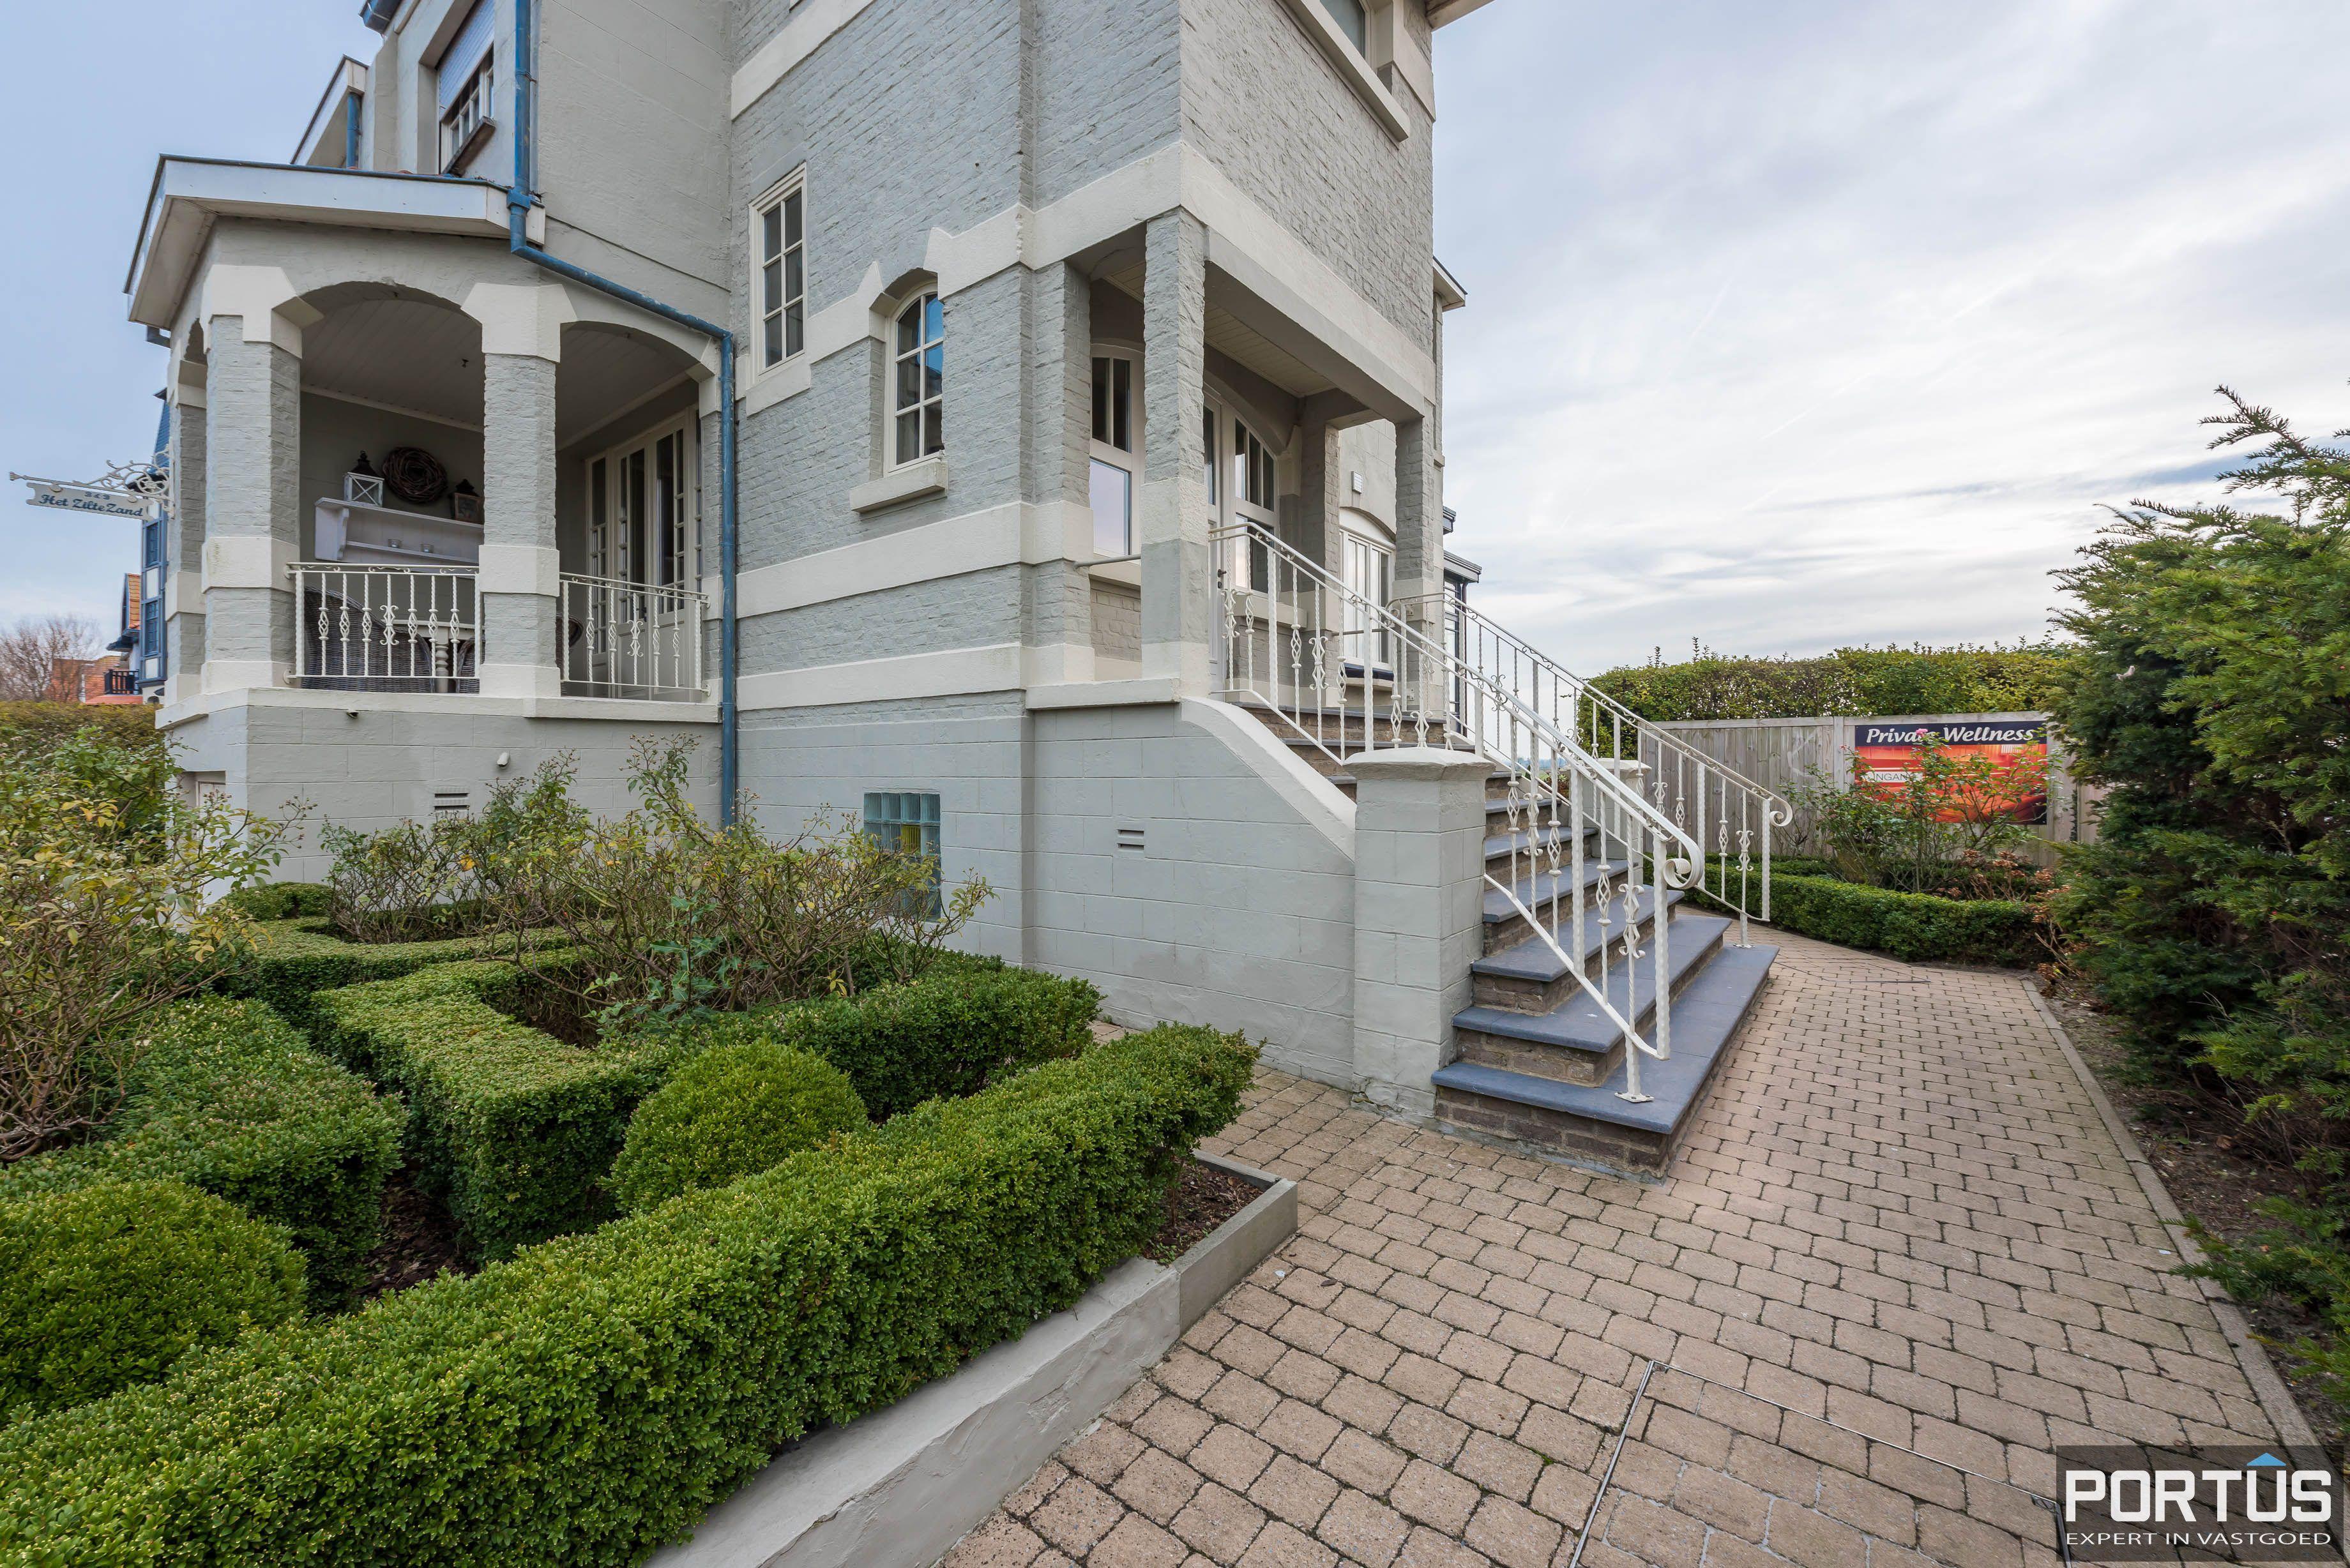 Villa/B&B te koop Westende met 6 slaapkamers - 5481